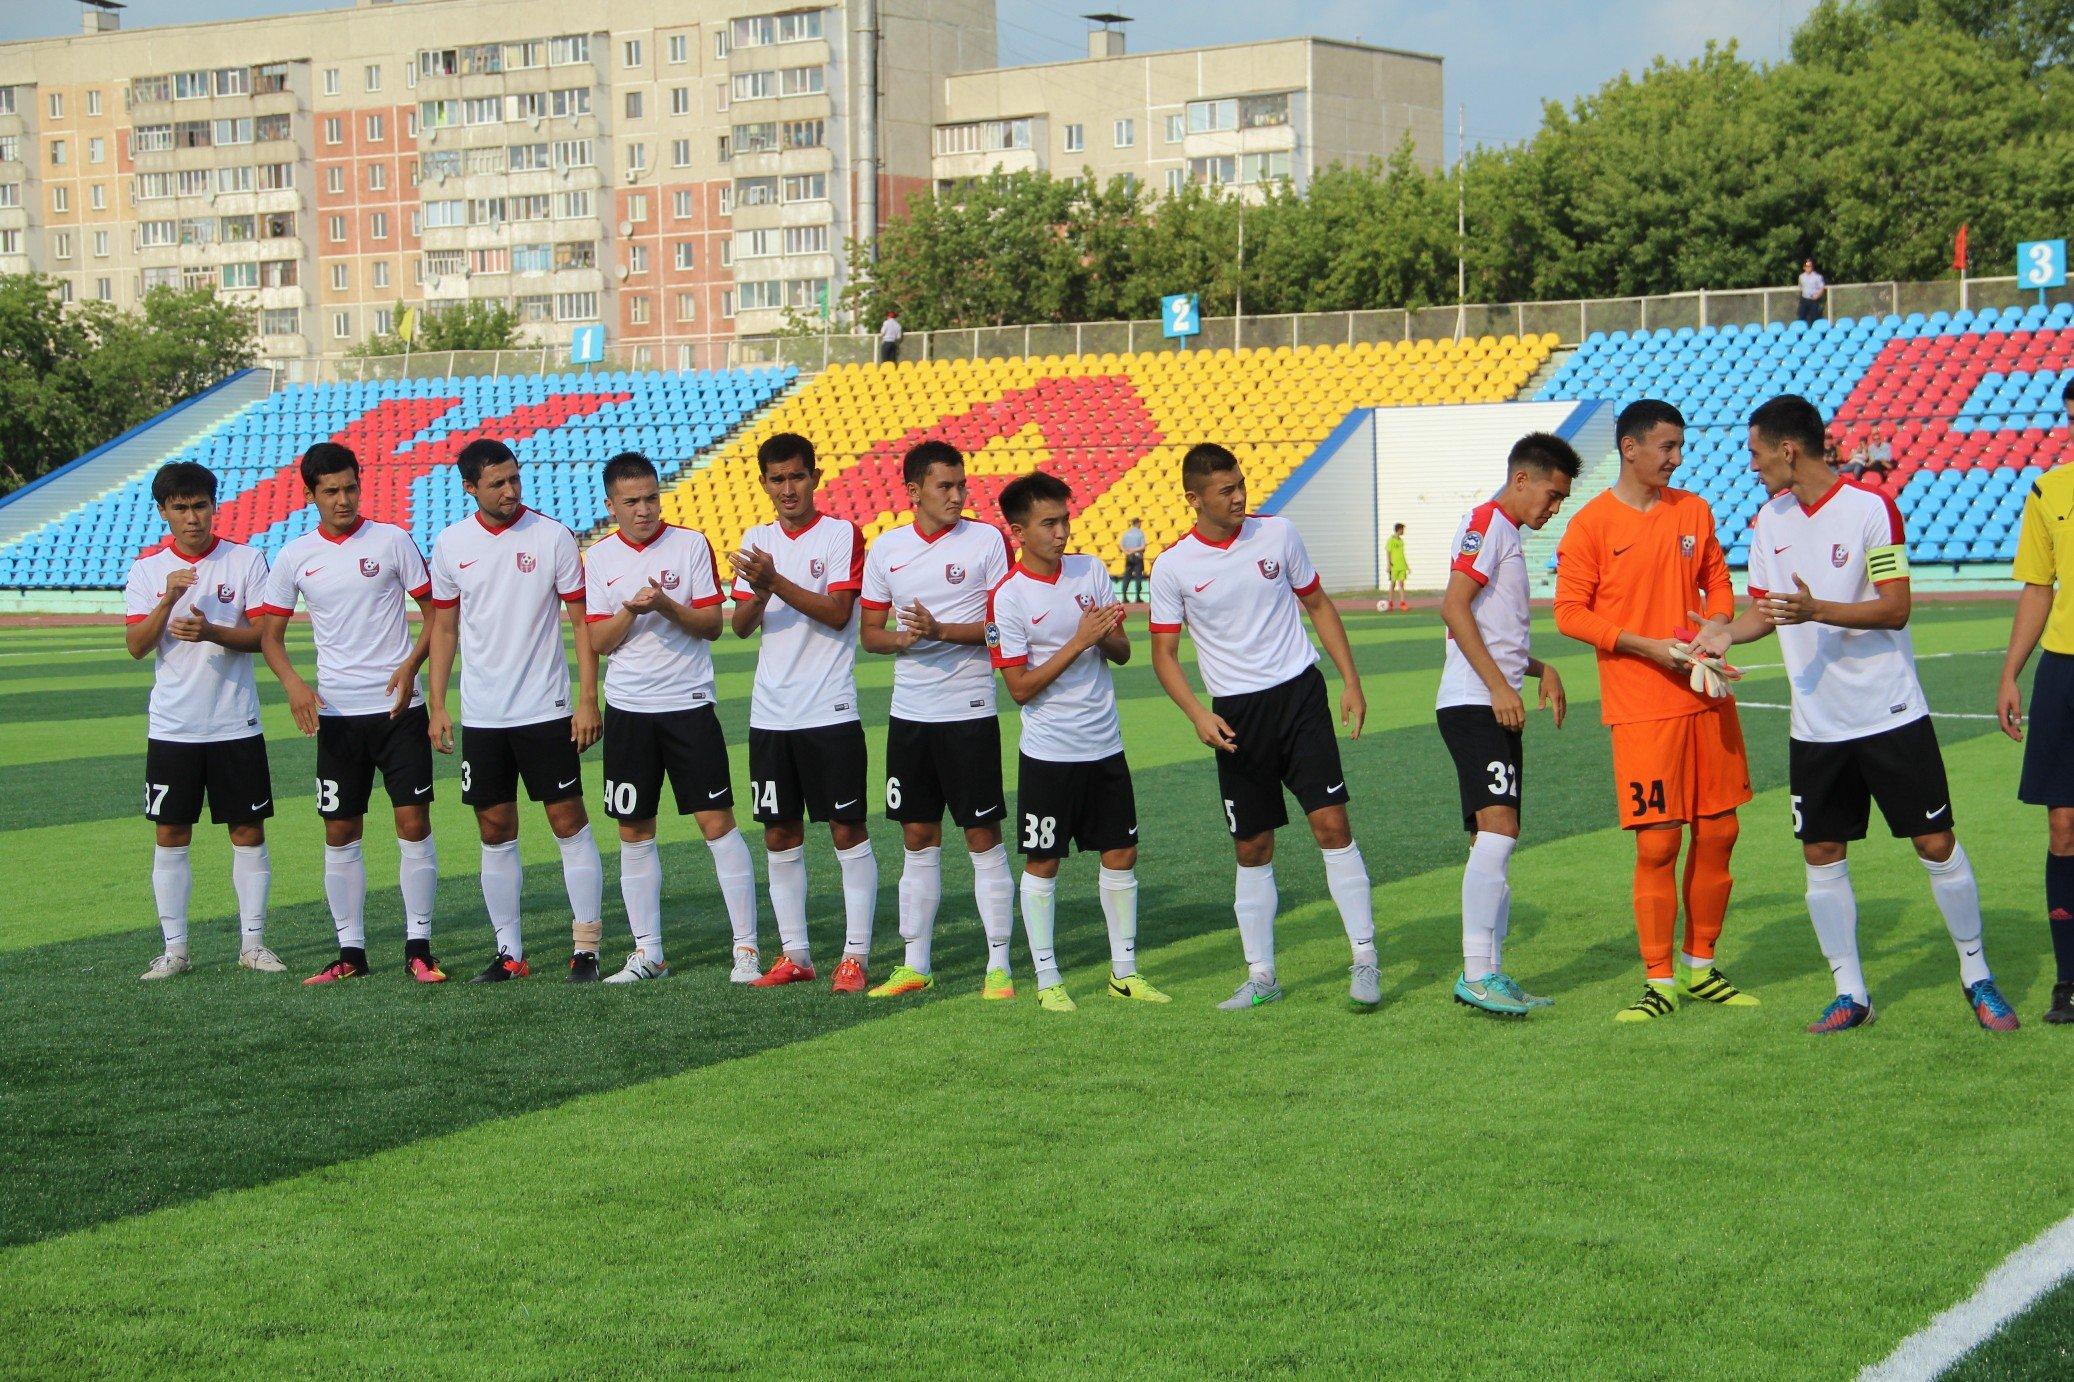 Фоторепортаж матча Кызылжар - Байконур